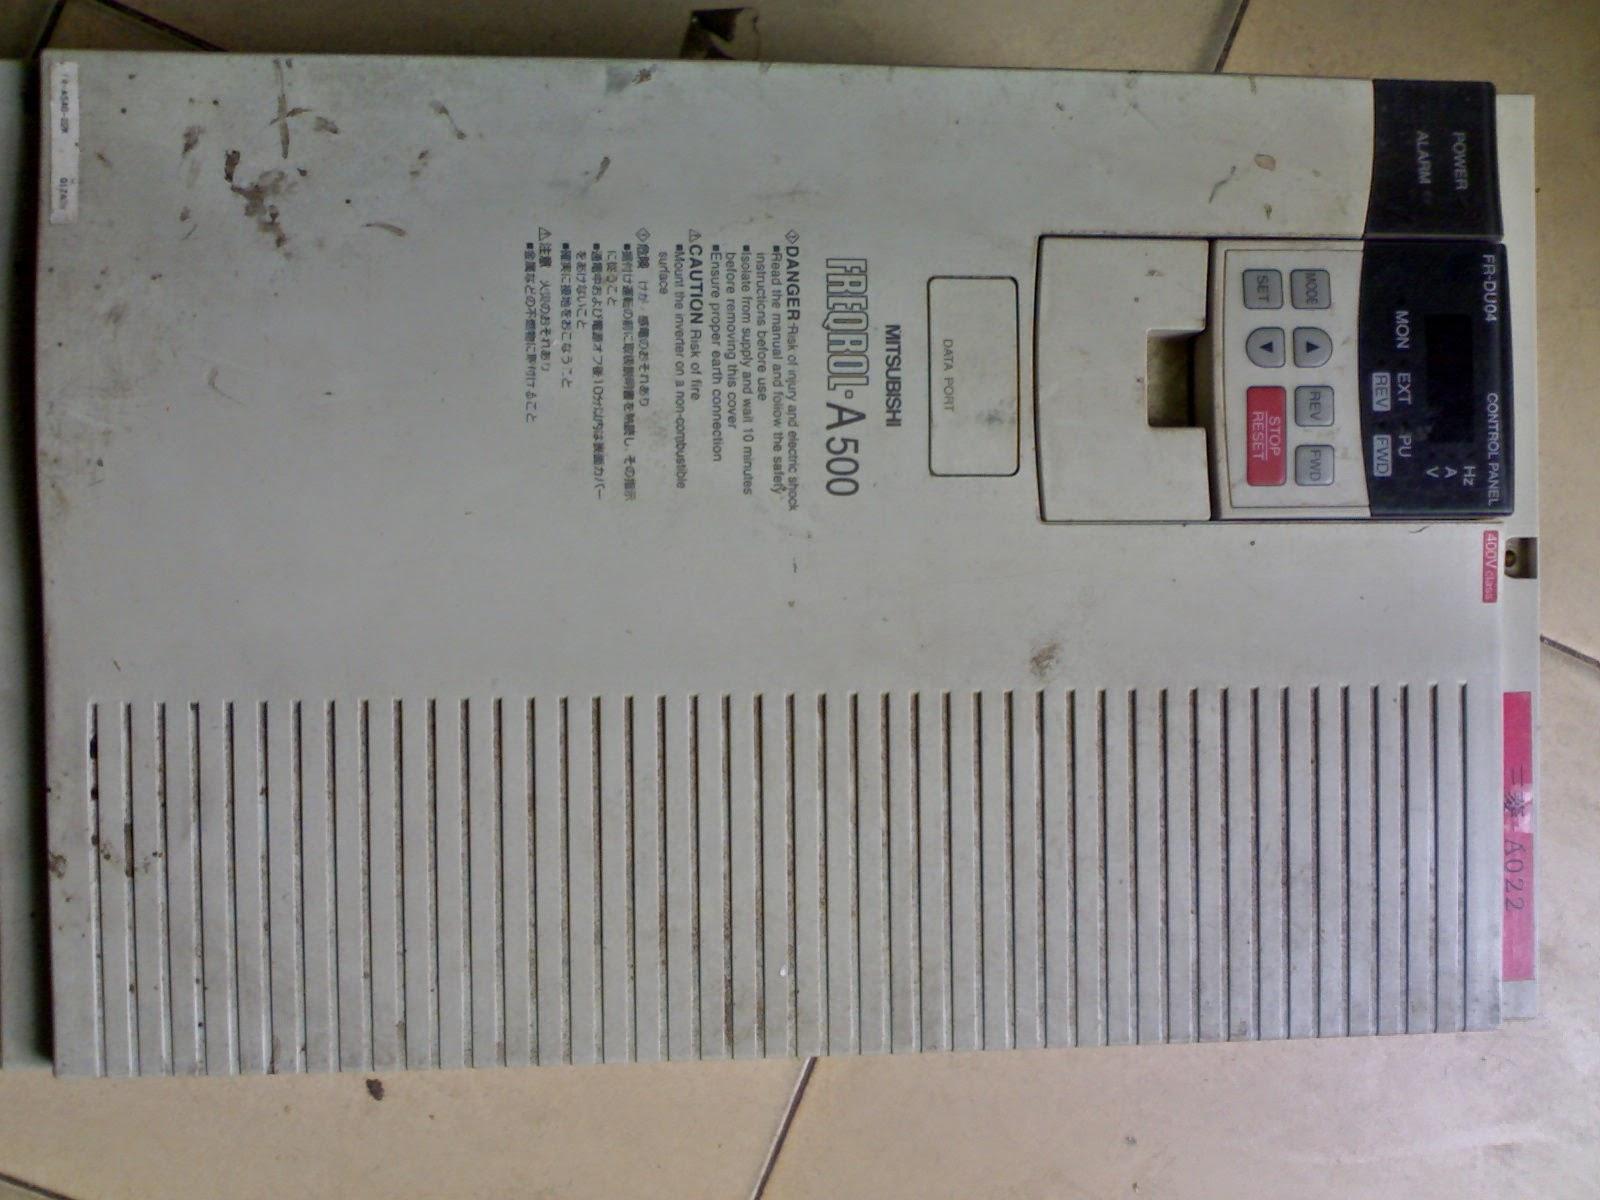 Biến tần - Sửa biến tần - Thiết bị đóng căt - Khởi động mềm - Biến